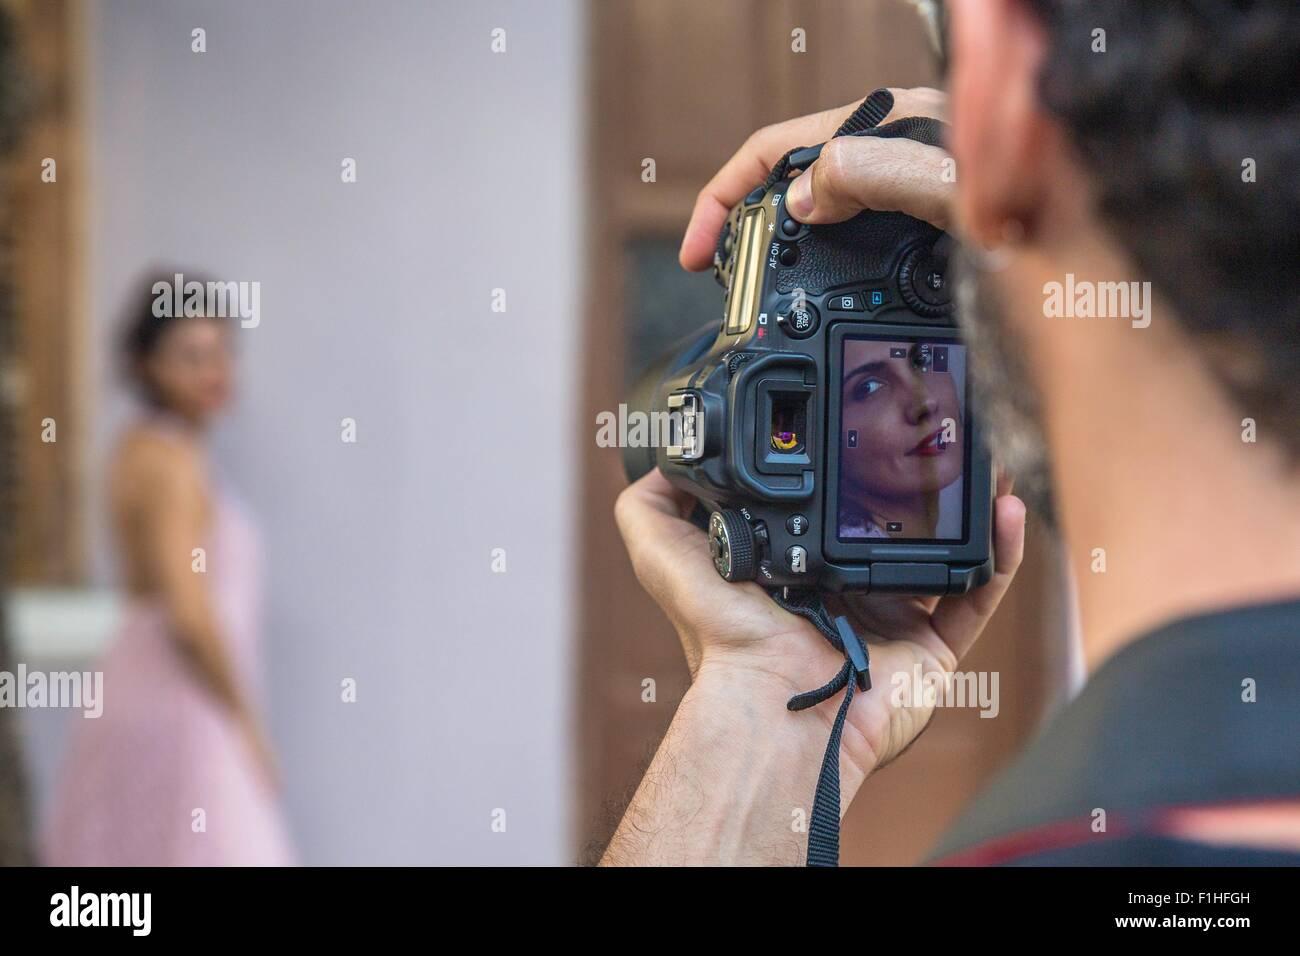 Detrás de las escenas de una moda urbana disparar con el modelo femenino y masculino fotógrafo Imagen De Stock